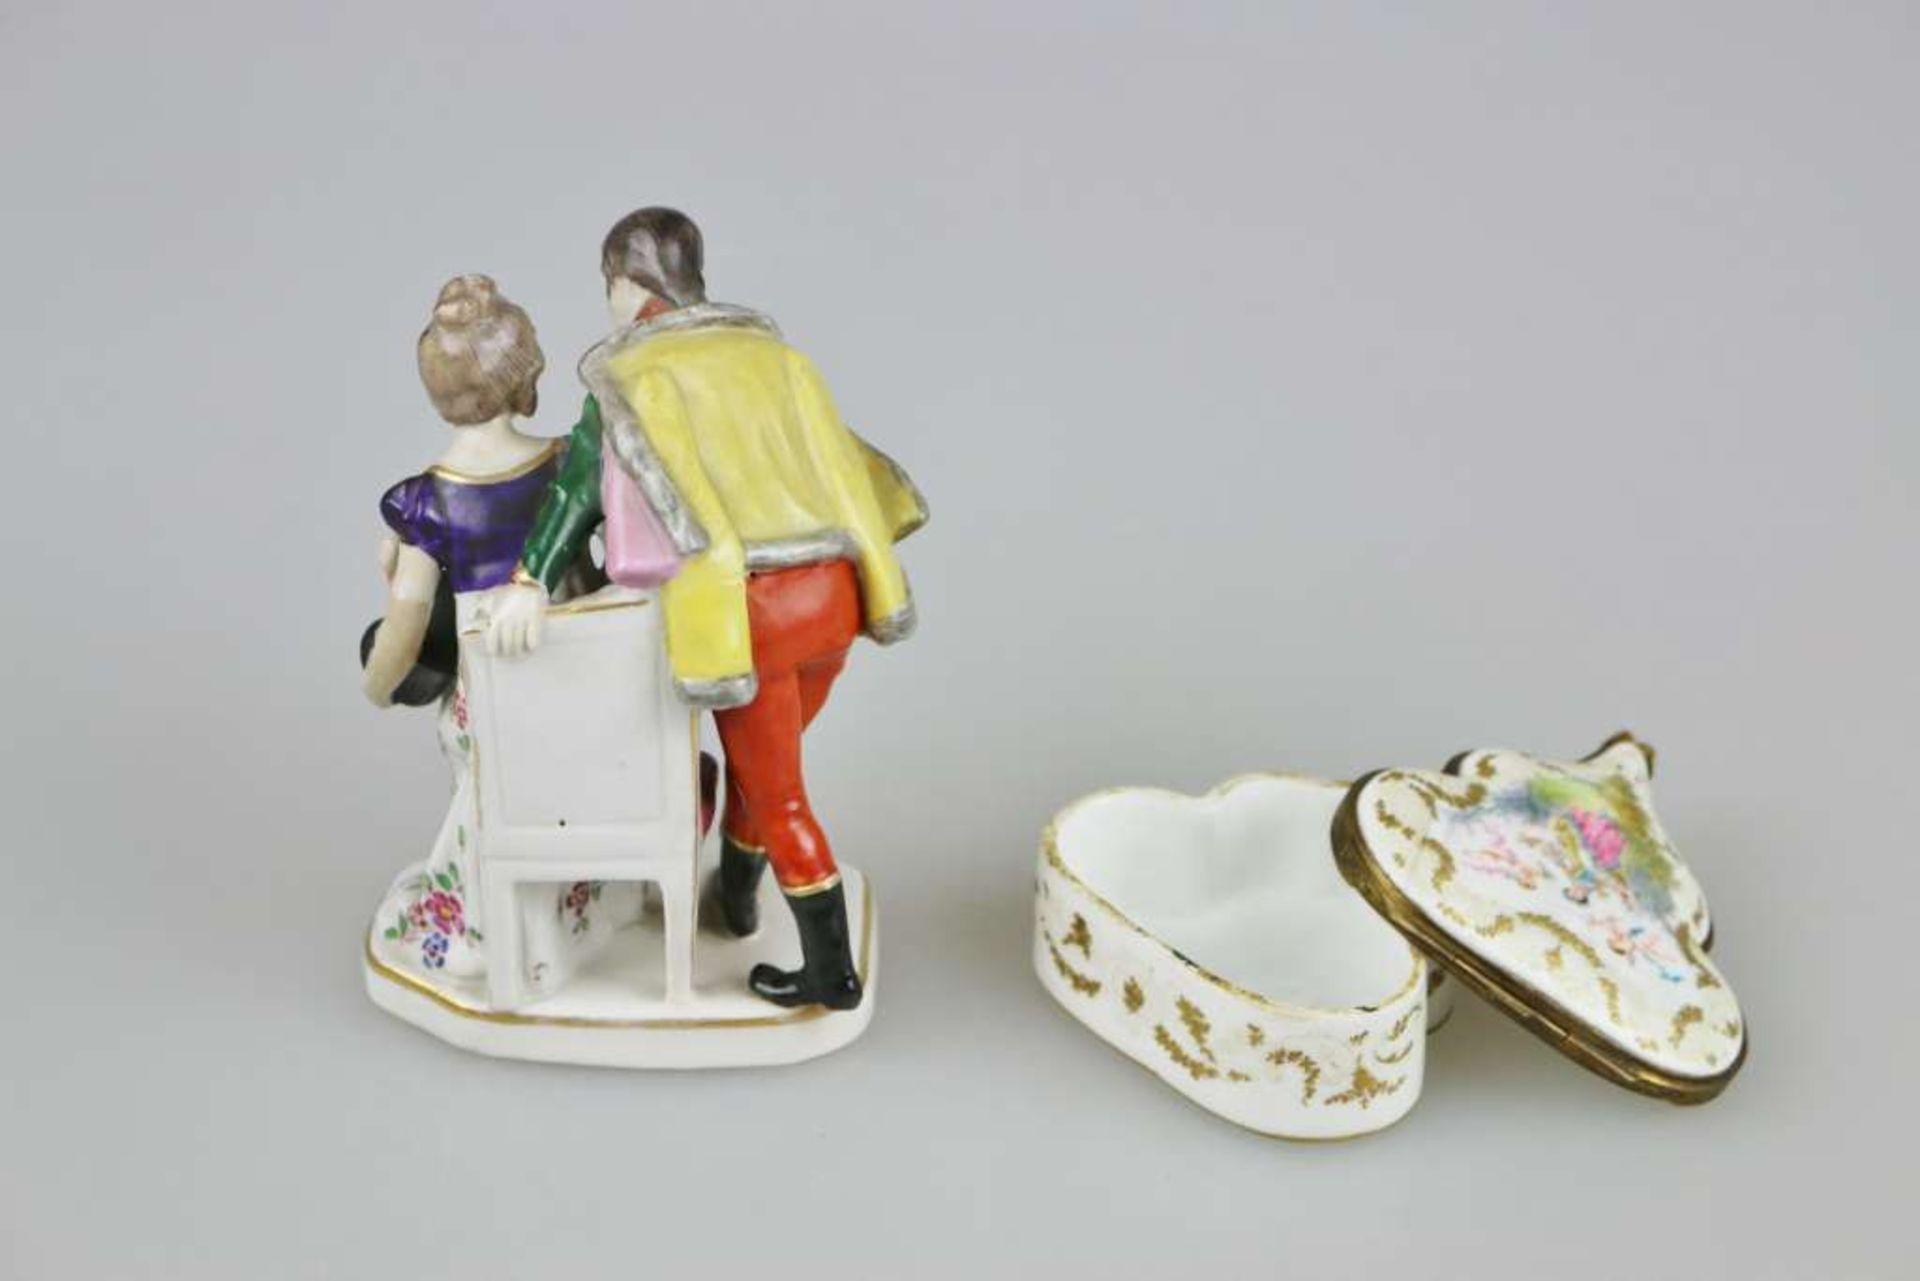 Gebr. Voigt Porzellanmanufaktur, Liebespaar beim Abschied, Anfang 20. Jh., polychrom gefasst mi - Bild 2 aus 4